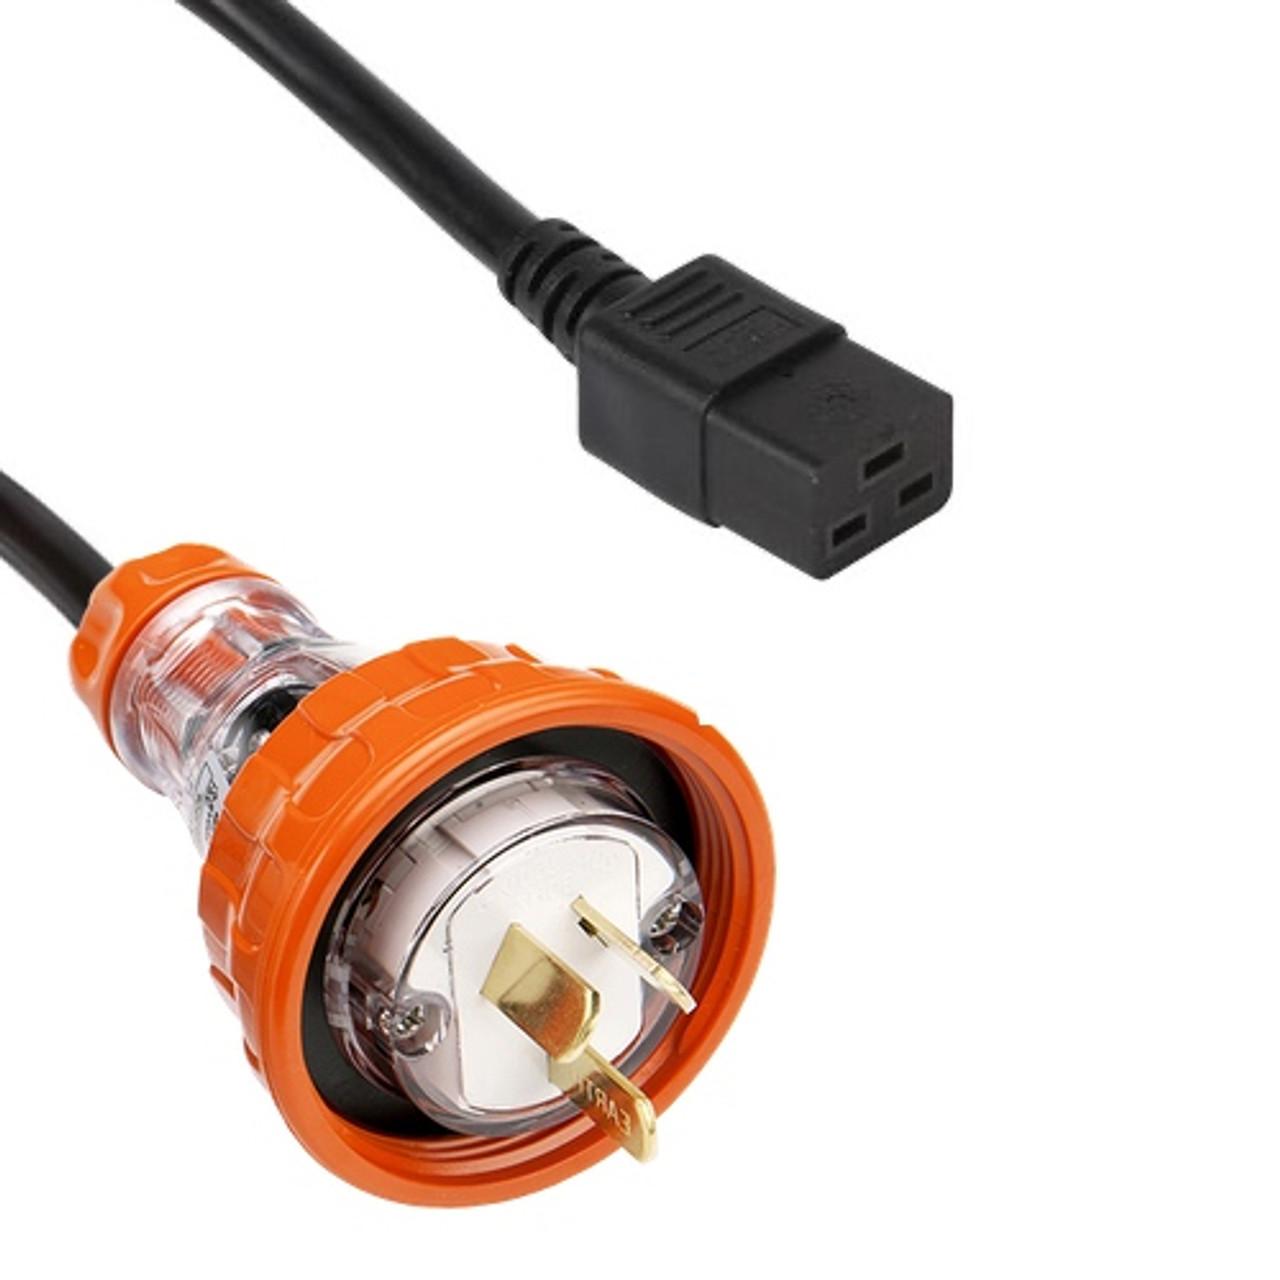 Clipsal 56P320F Flat pin > IEC C19 16A (2.5mm2)